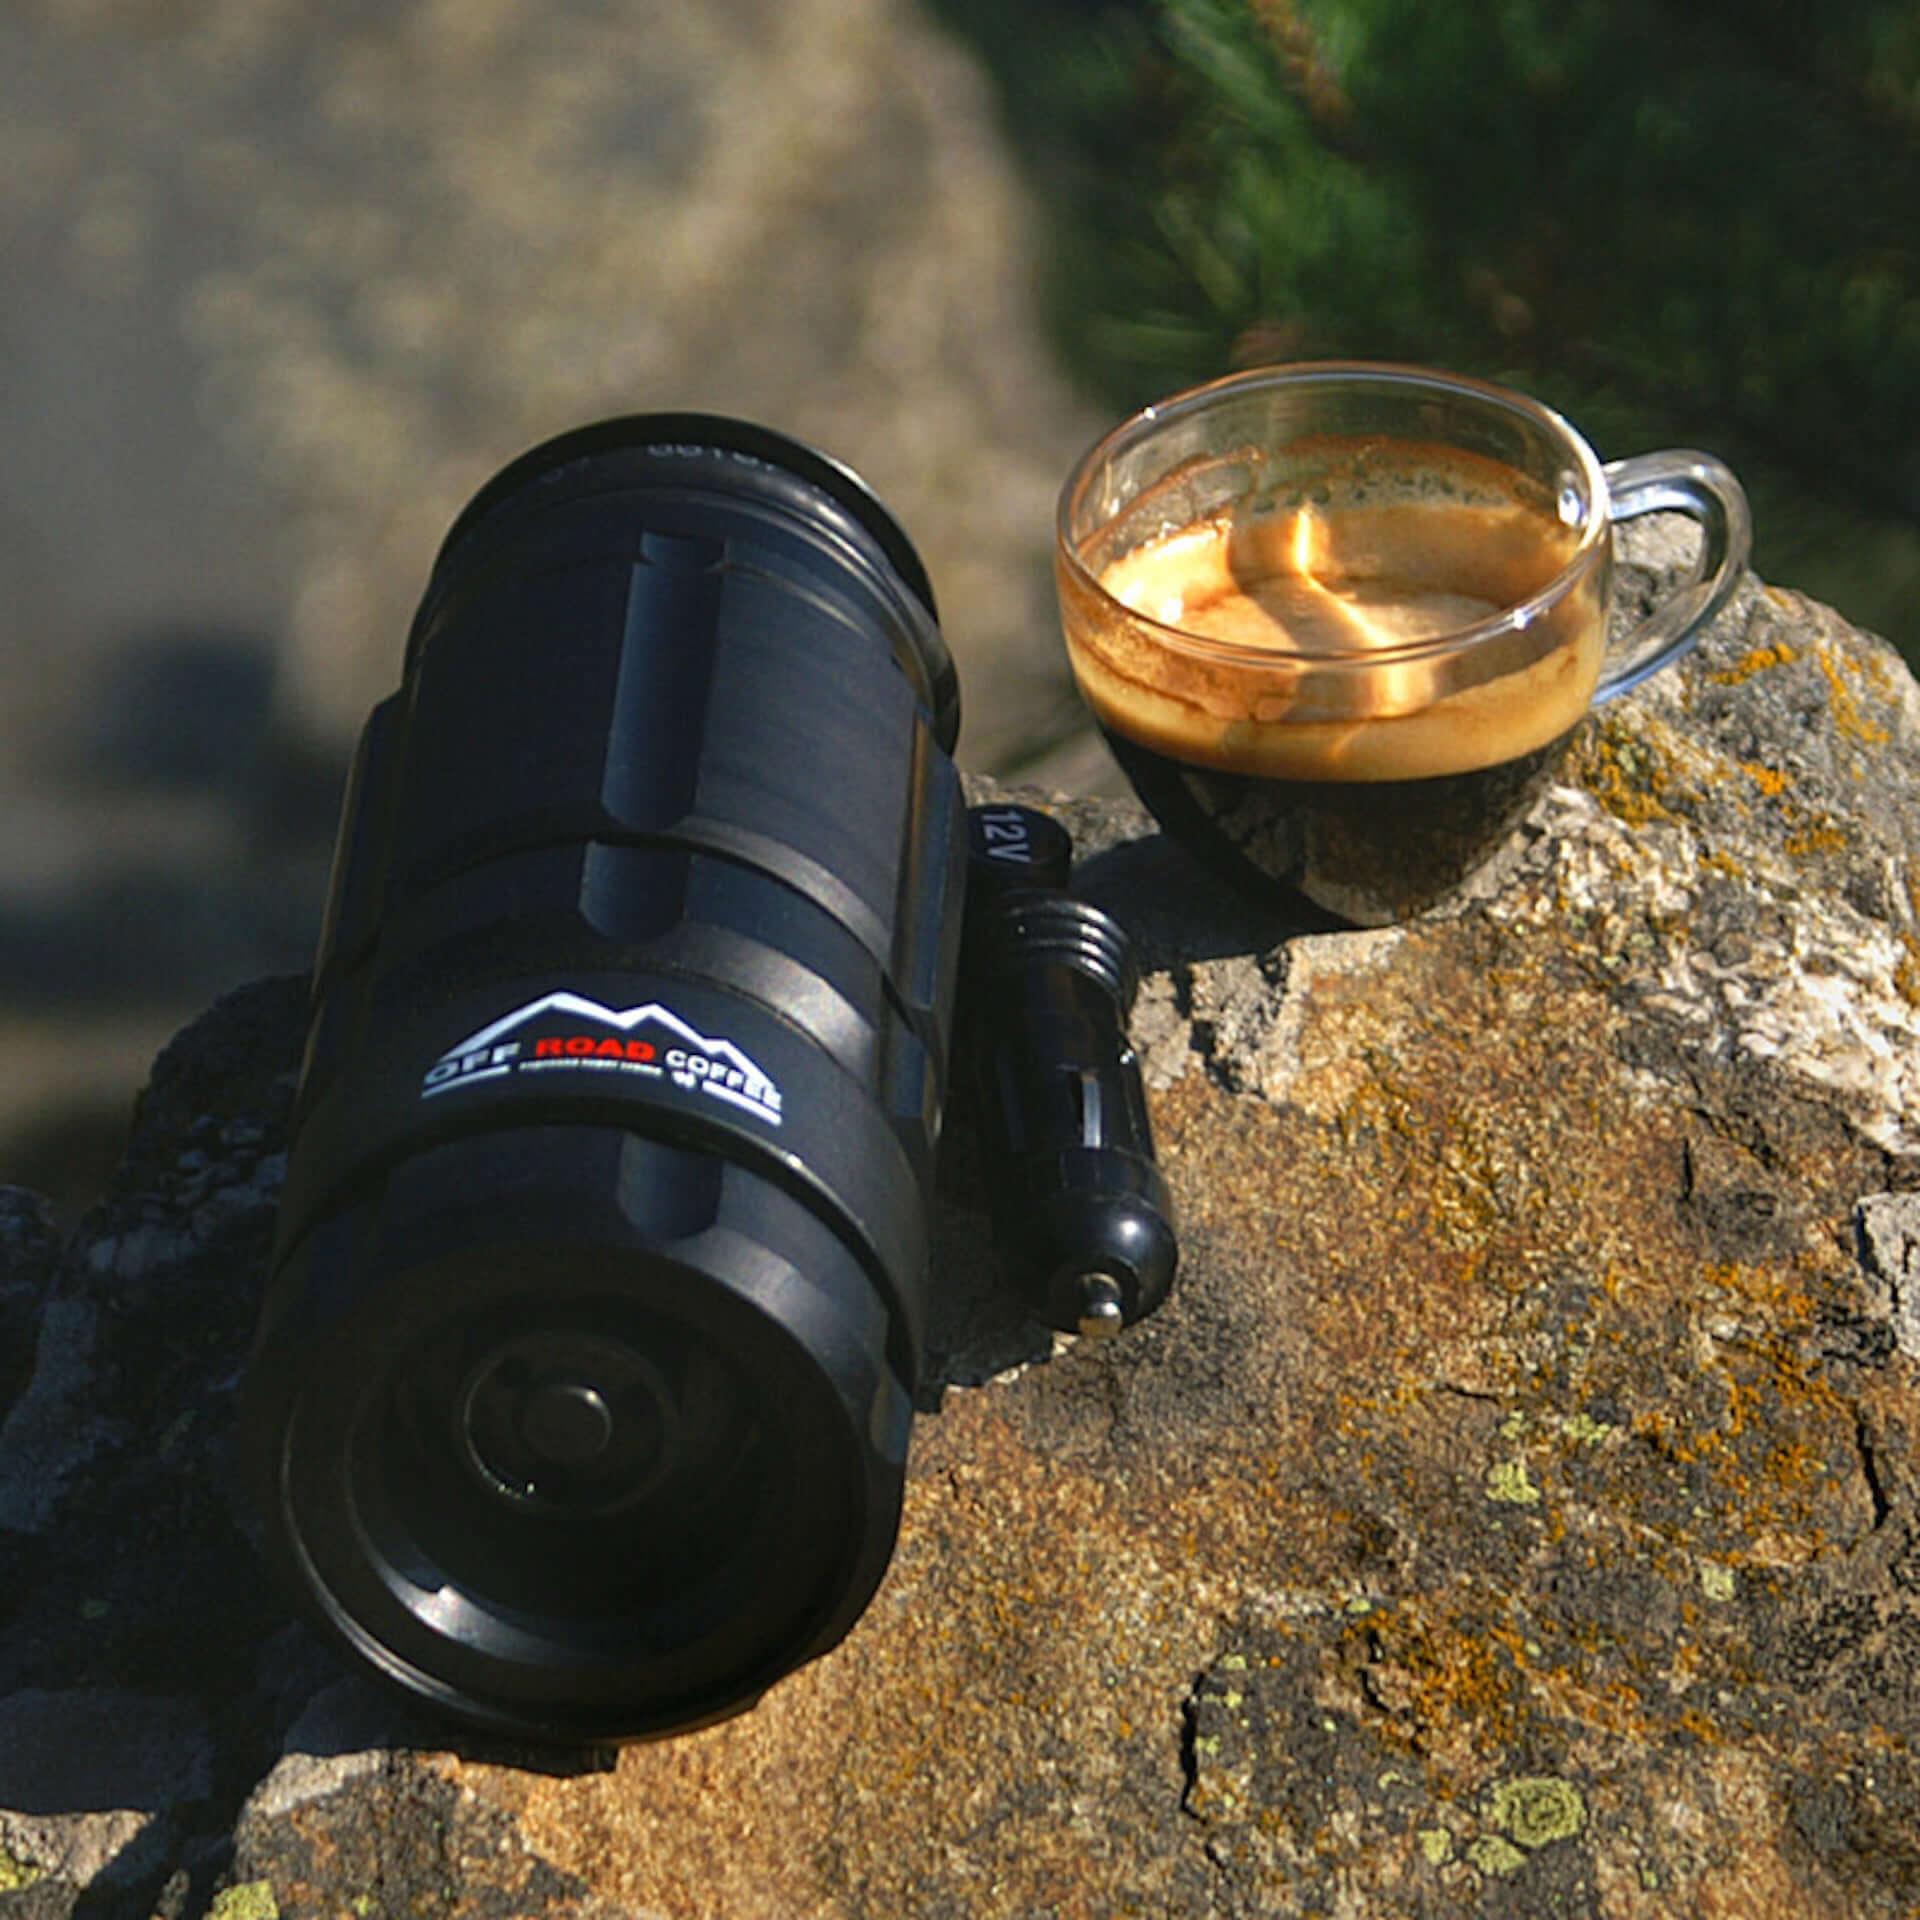 アウトドアでも本格エスプレッソを楽しめる|携帯型エスプレッソメーカー「OFFROAD COFFEE」が登場 technology190718offroadcoffee_3-1920x1920